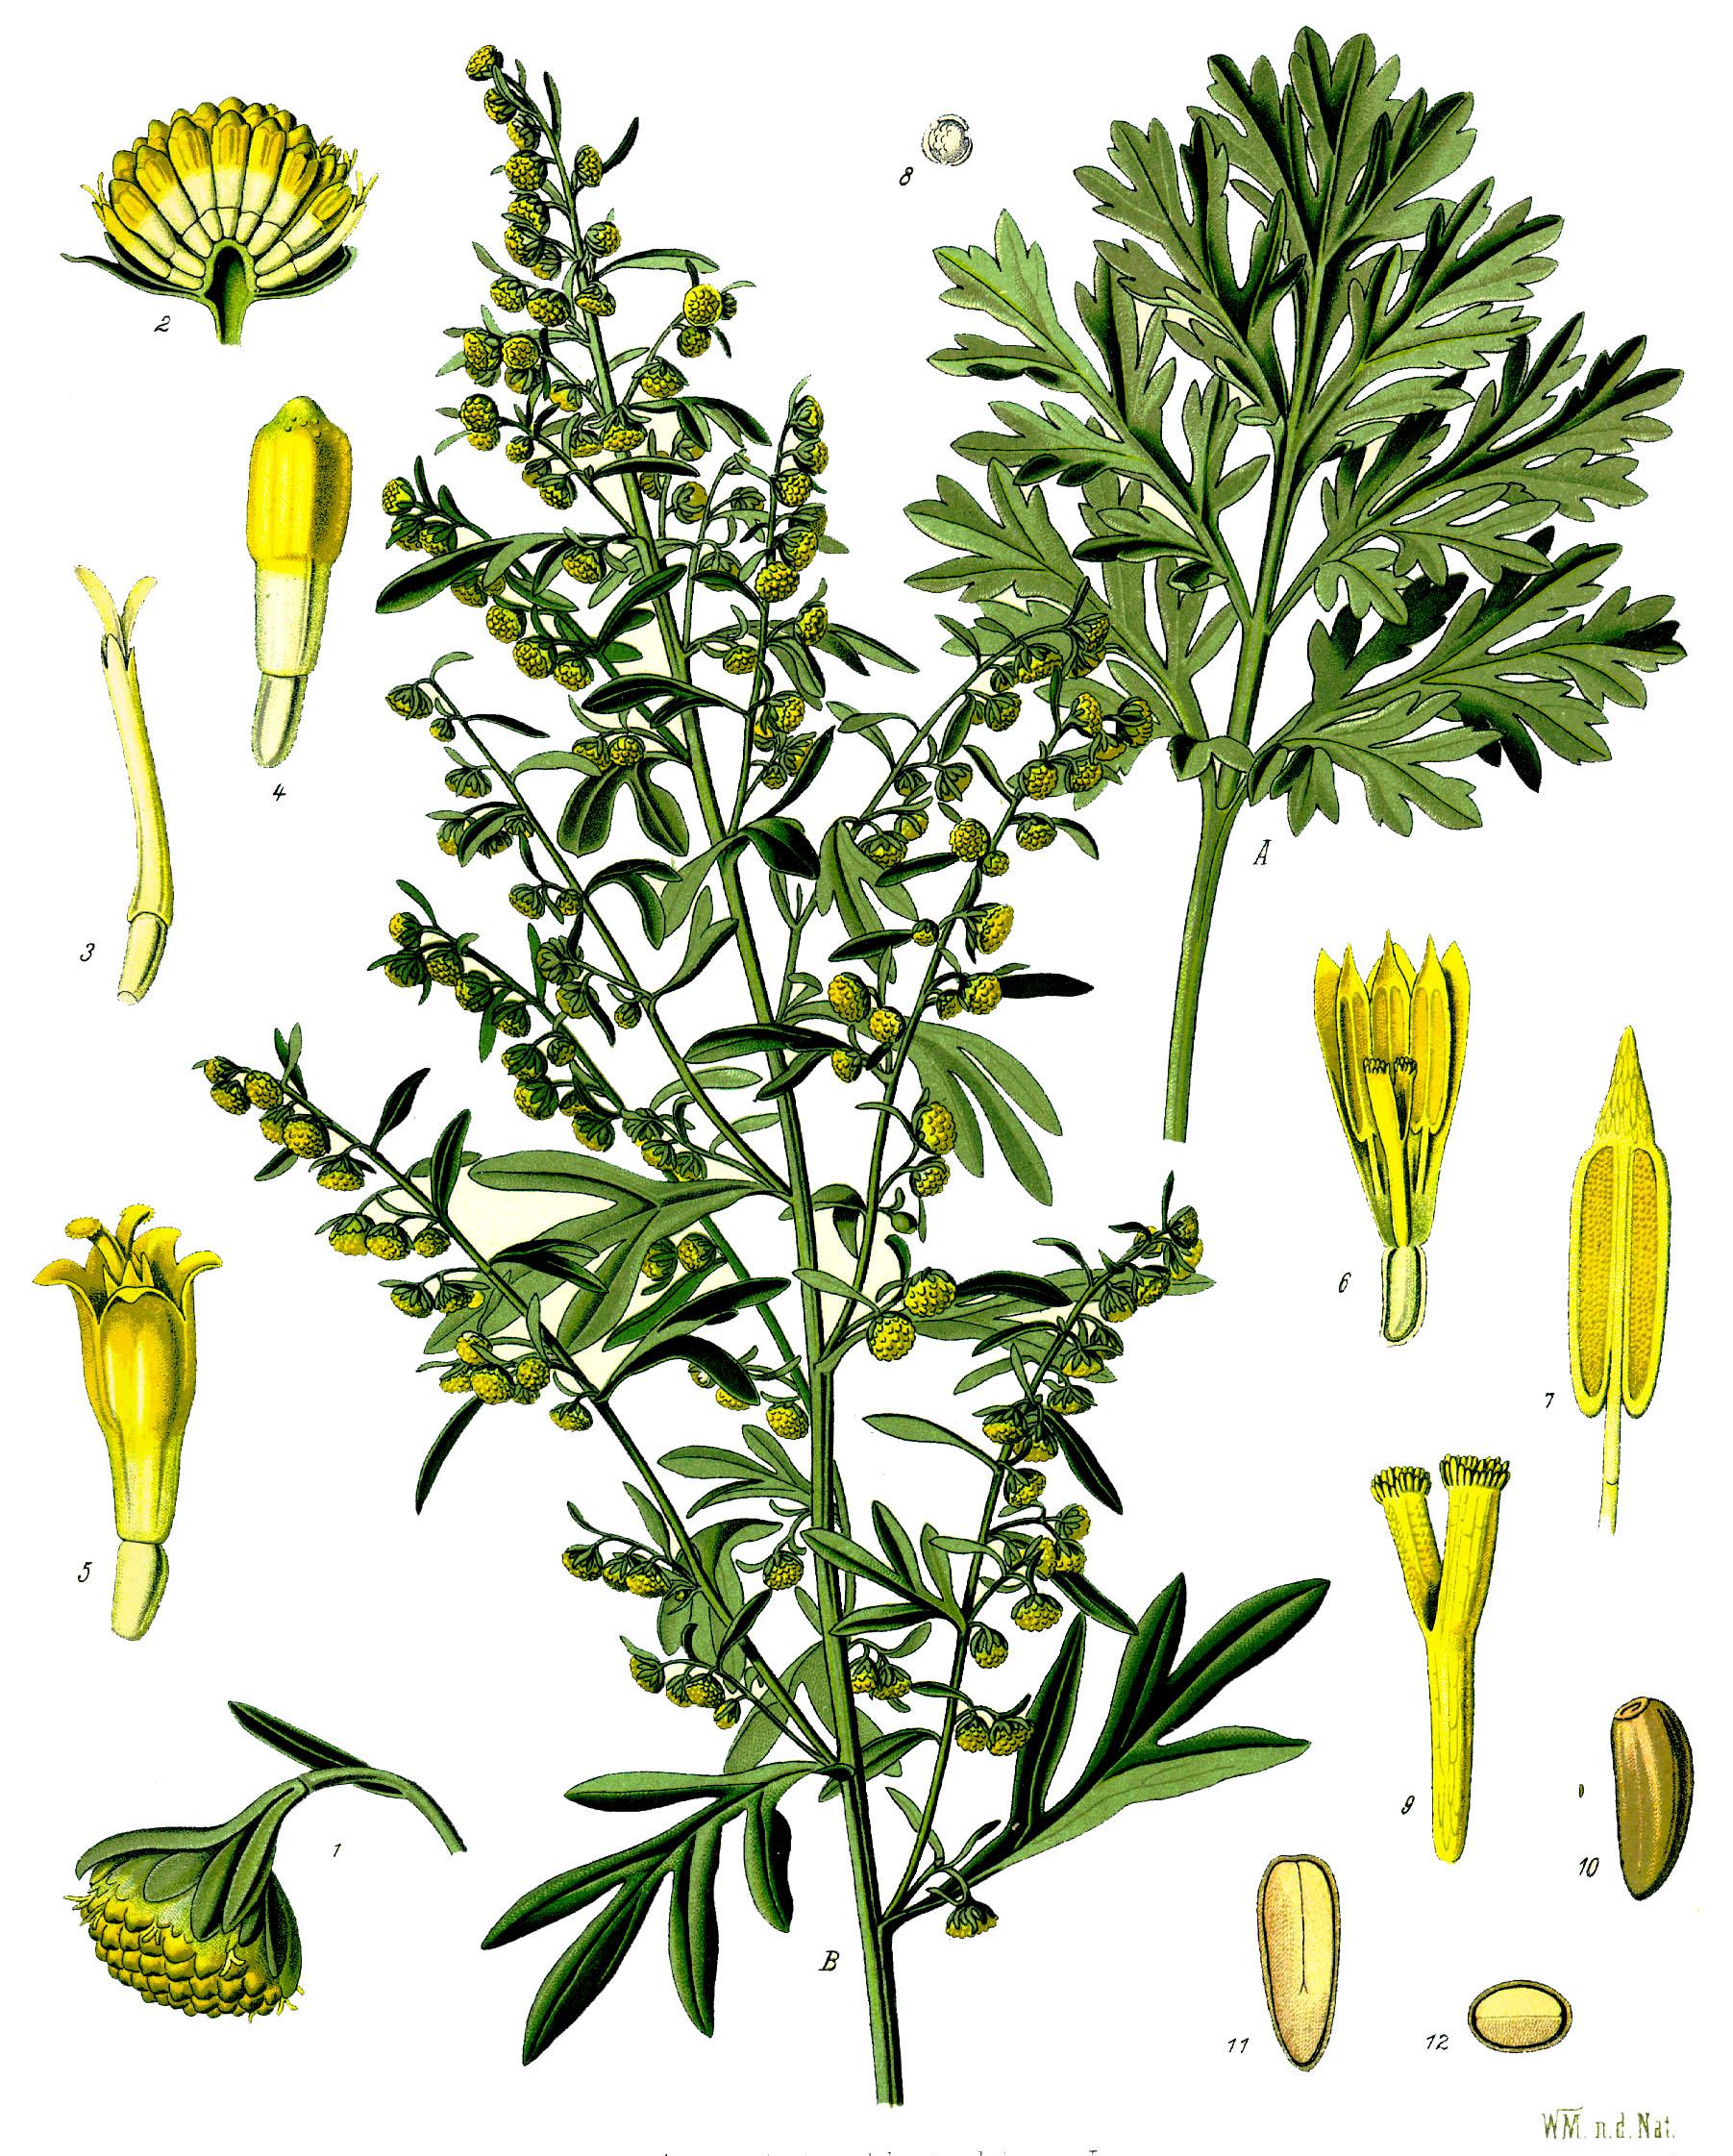 Bylica piołun / Rys. Franz Eugen Köhler, Köhler's Medizinal-Pflanzen - List of Koehler Images, Domena publiczna, Link